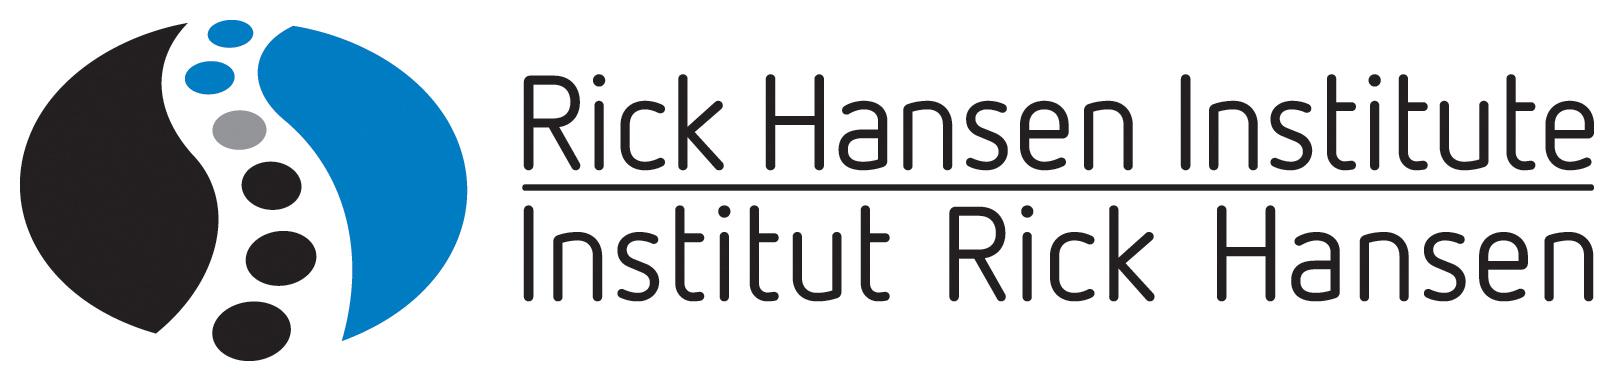 image: Rick Hanson Institute logo